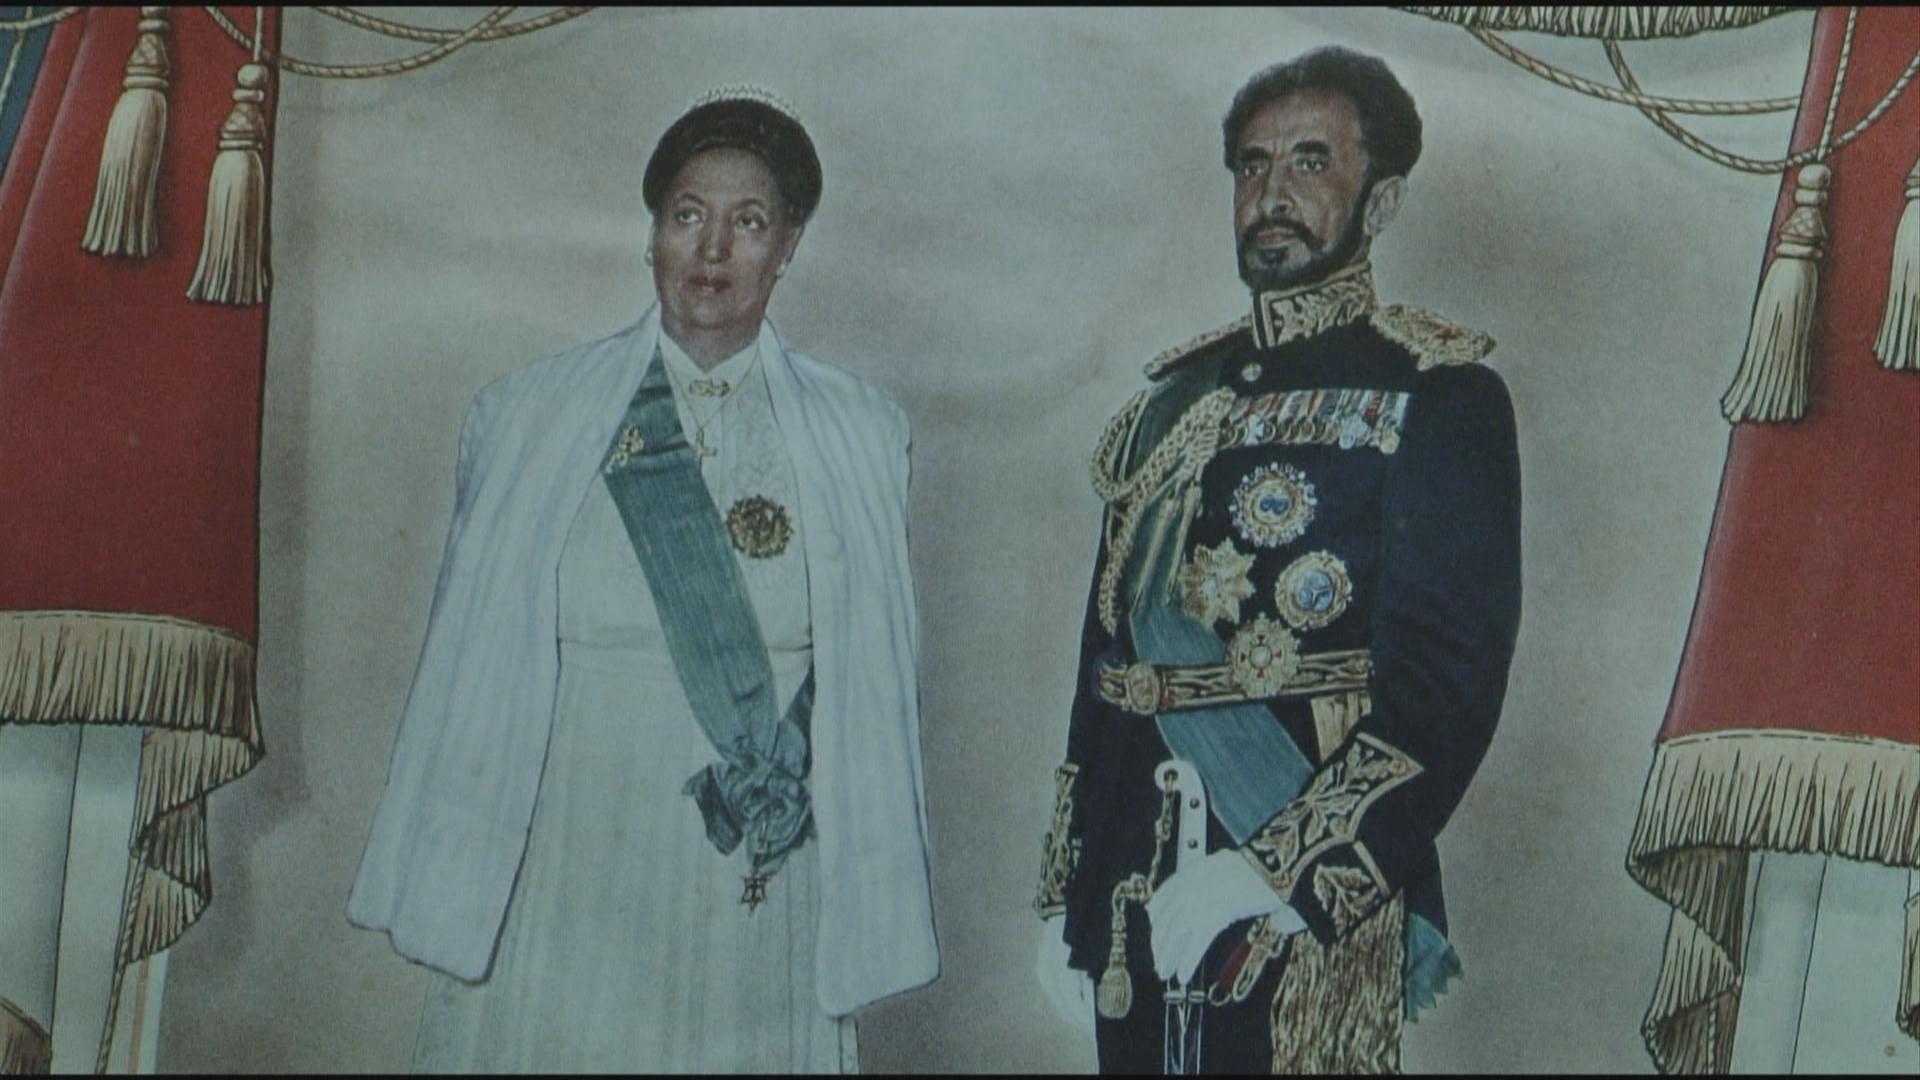 The Emperor with his wife Queen Menen.